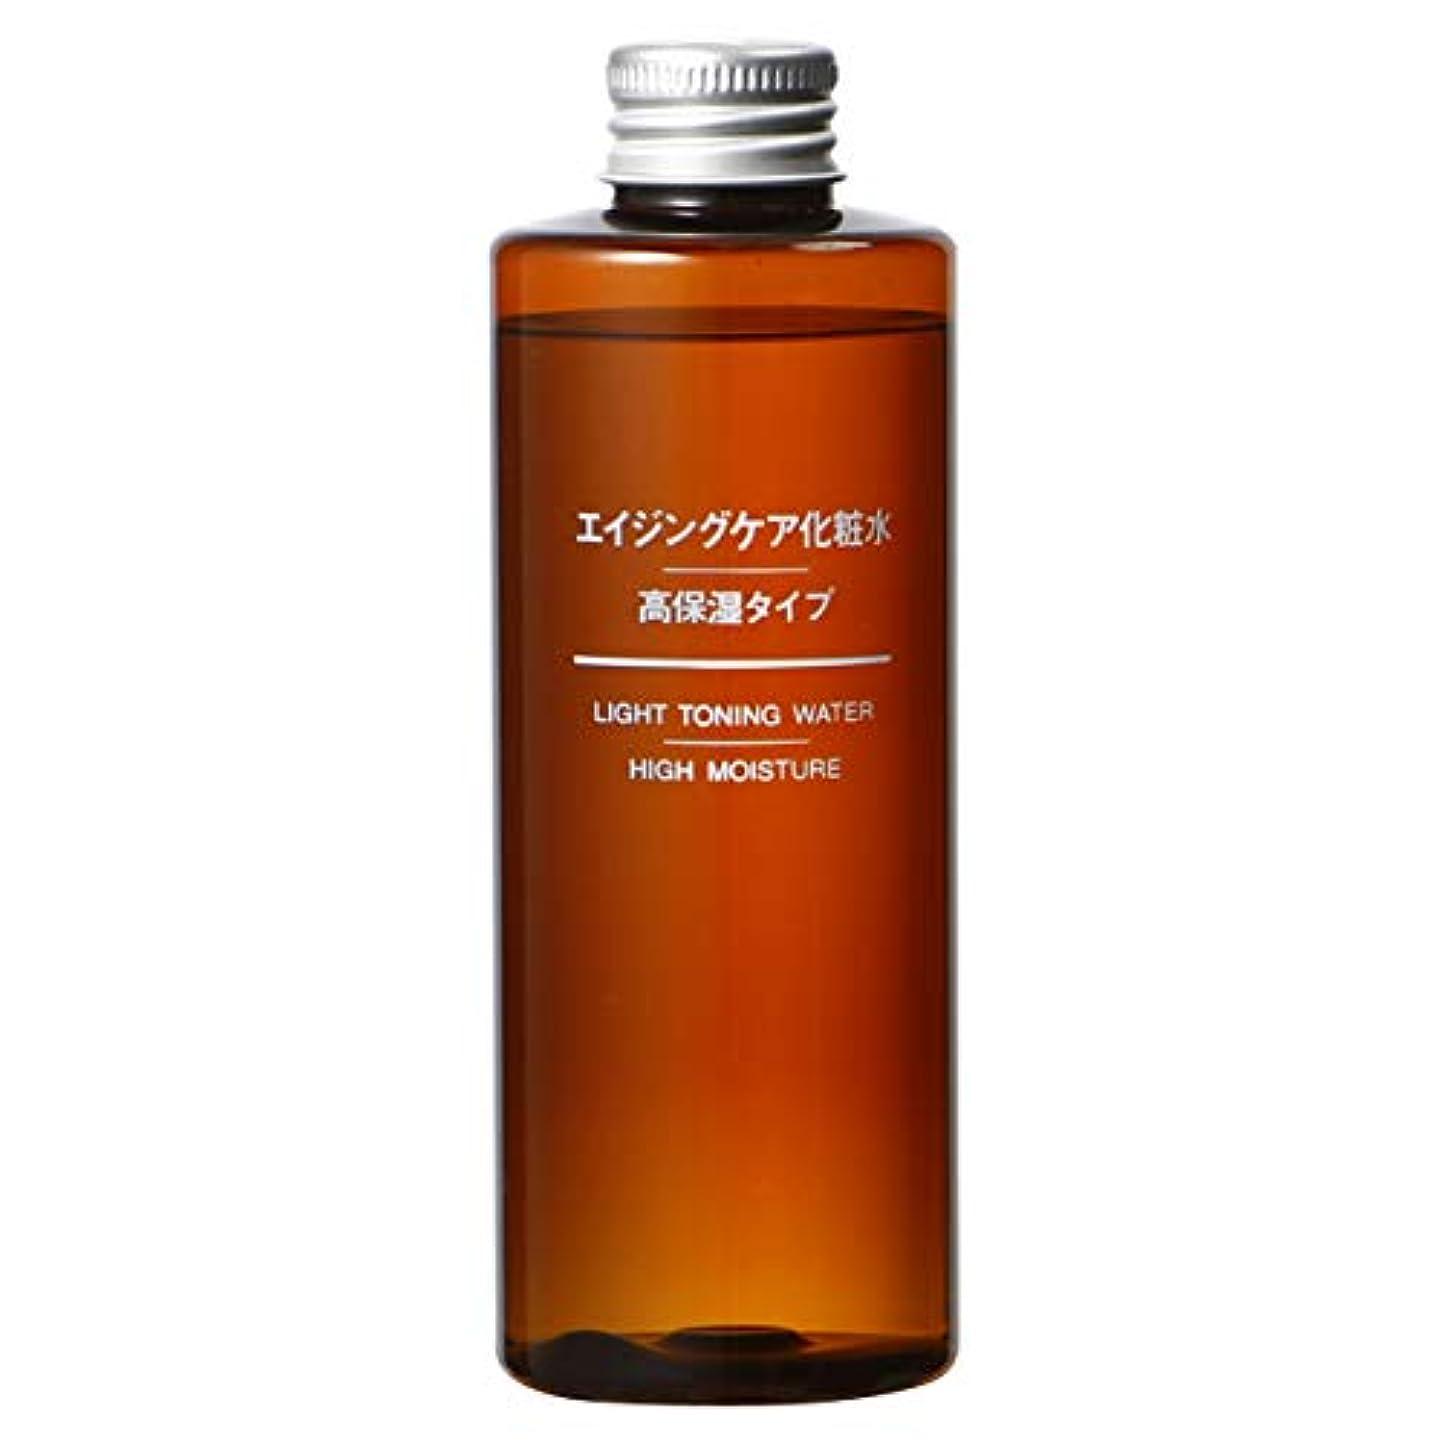 到着ジョットディボンドン無印良品 エイジングケア化粧水?高保湿タイプ 200ml